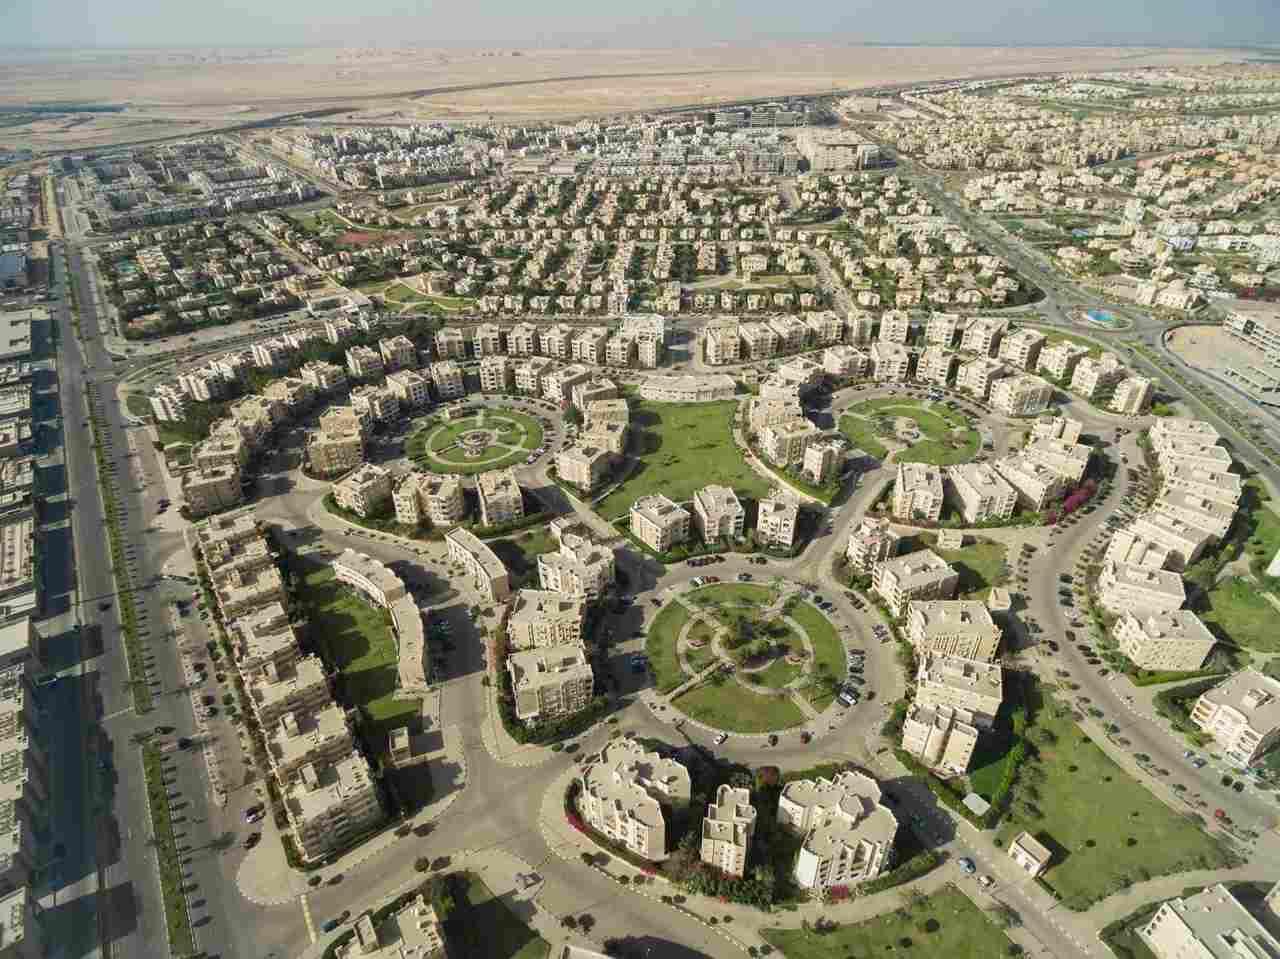 معلومات عن أهم وأغلى 7 أحياء في القاهرة - الشيخ زايد